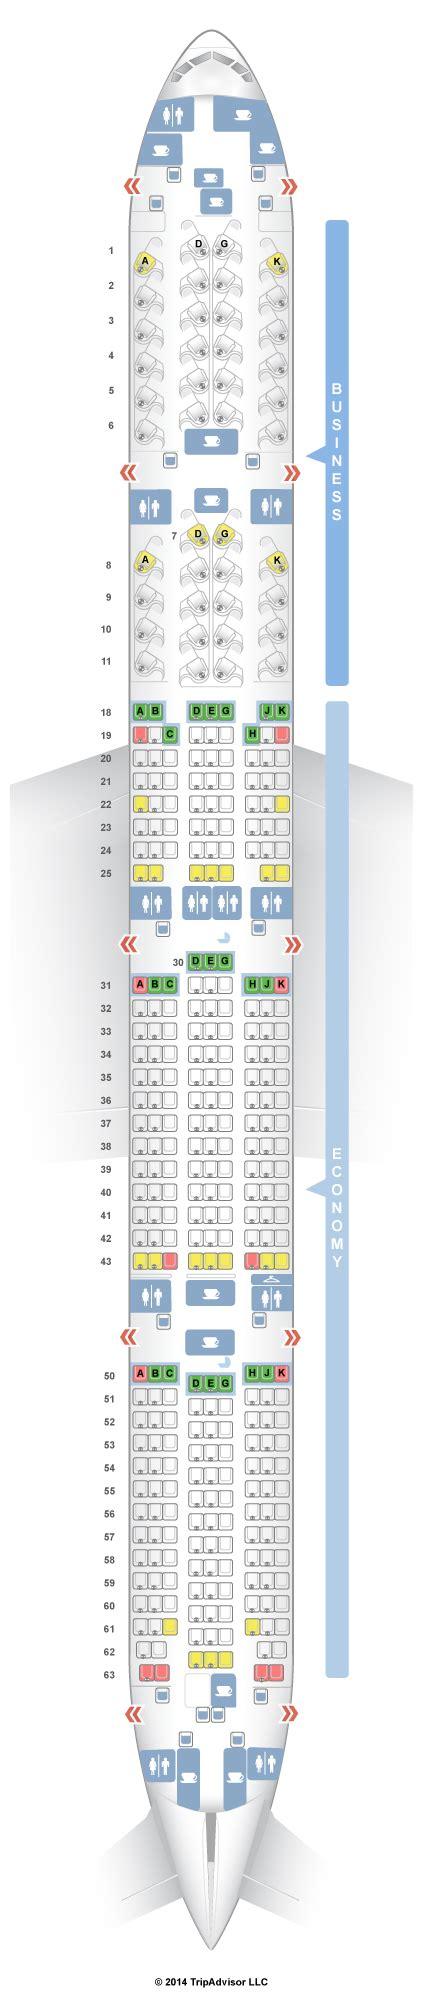 boeing 777 300er jet seating plan boeing 777 300er jet seating plan